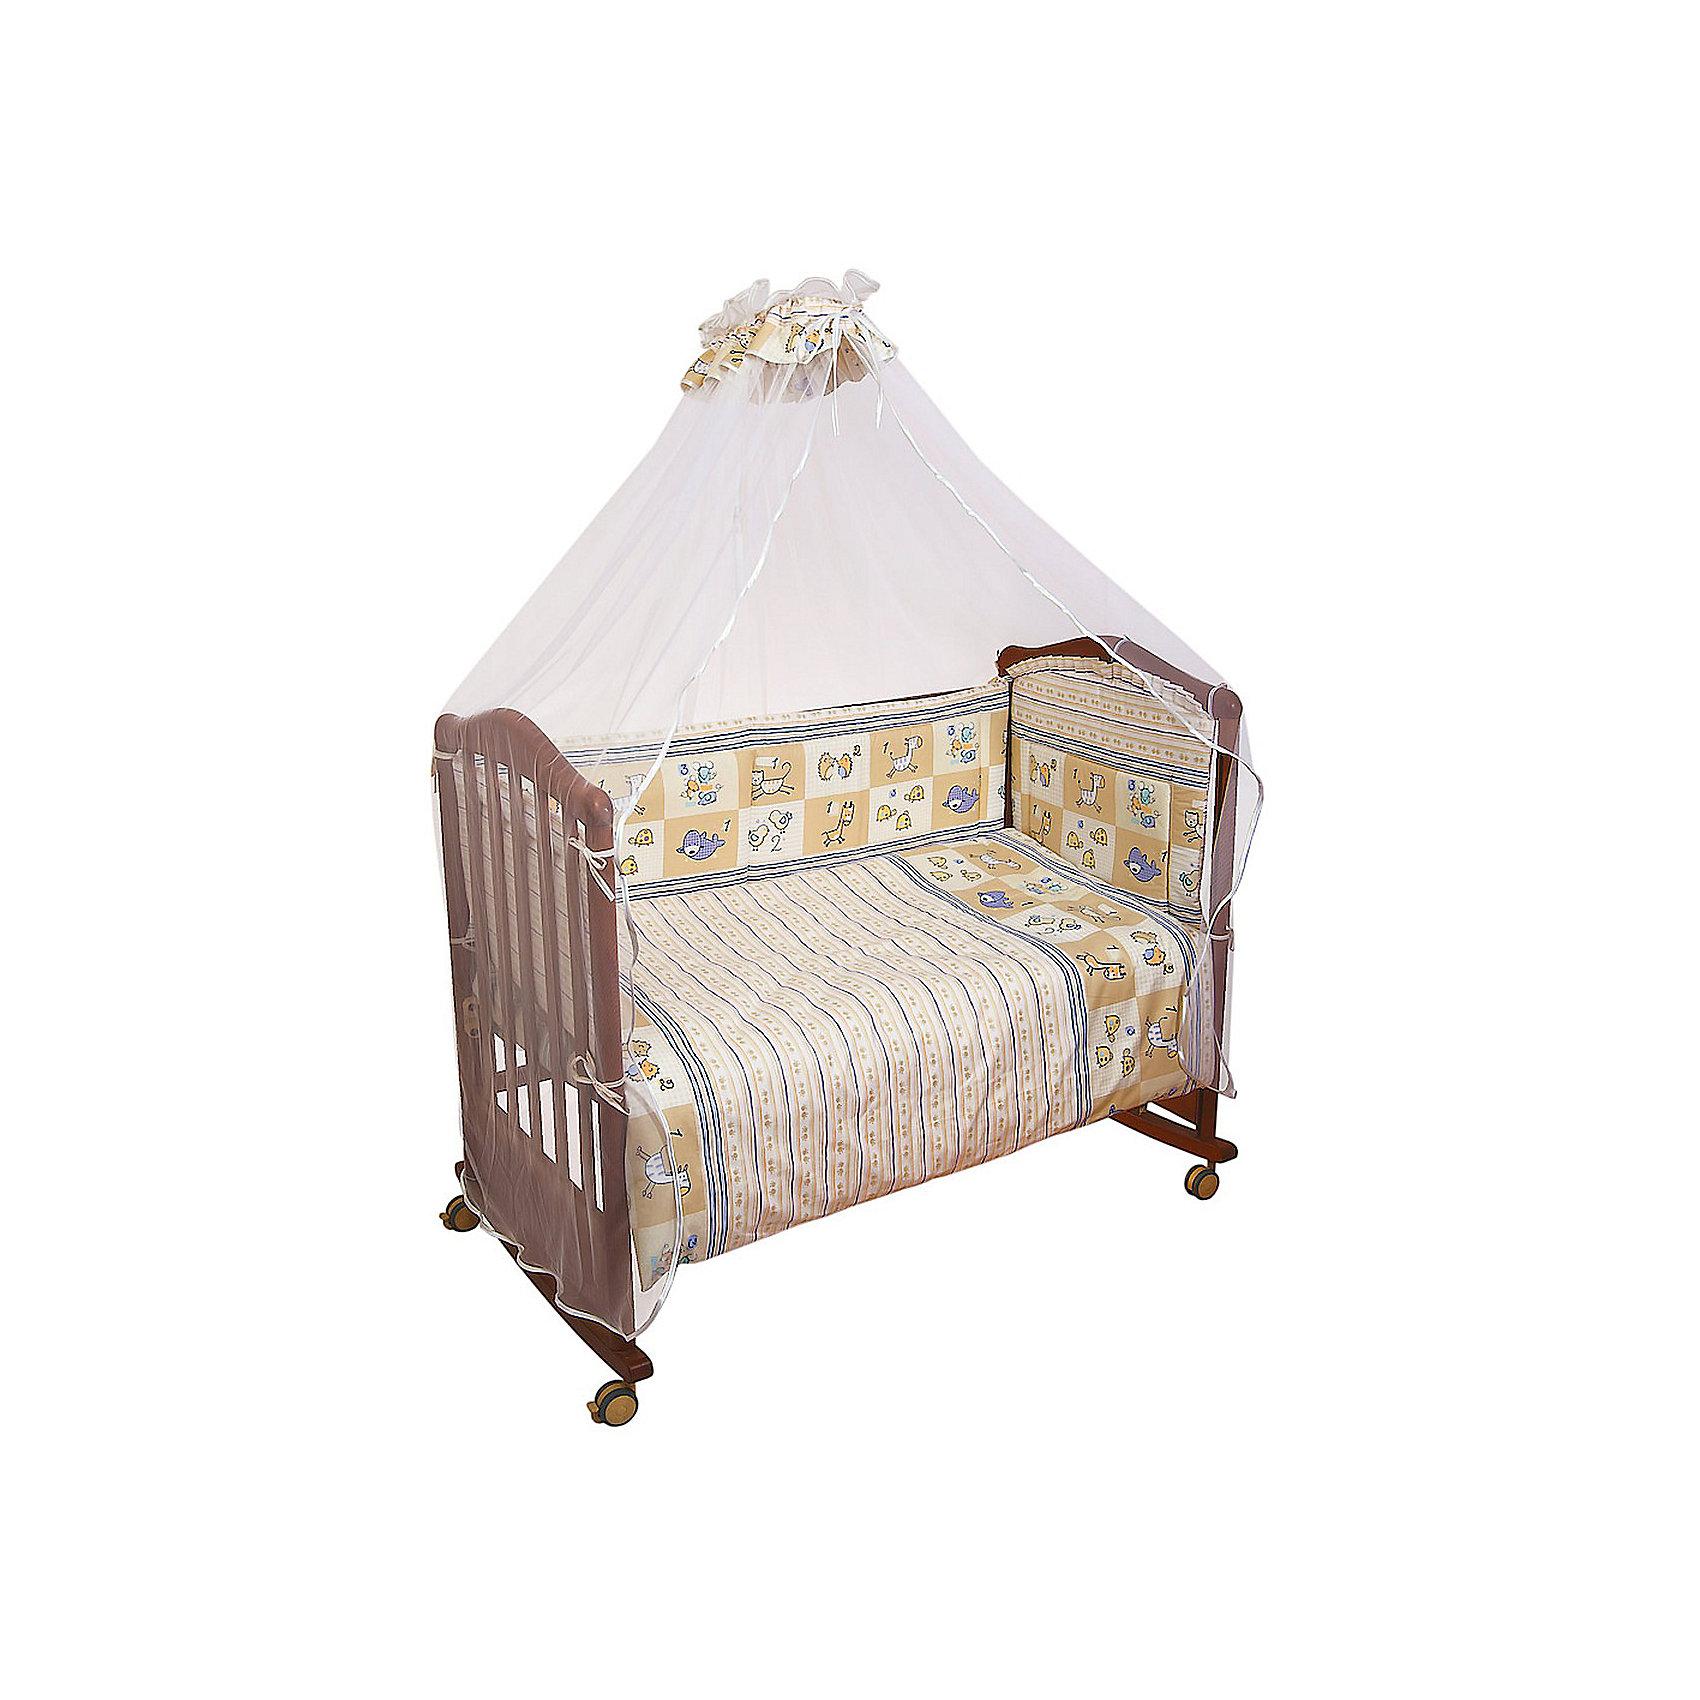 Борт Считалочка, Сонный гномик, бежевыйБорт Считалочка, Сонный гномик, бежевый - прекрасно подойдет для кроватки вашего малыша, добавит комнате уюта и согреет в прохладные дни.<br>Борт «Считалочка» обеспечит Вашему малышу комфорт и безопасность. Борт защитит младенца от сквозняков, пыли и солнца, а когда малыш подрастет и начнет активно двигаться и вставать в кроватке - убережет от возможных ушибов и травм. Кроме того, борт способствует более быстрому засыпанию, поскольку малыша ничего не будет отвлекать извне. Бортик выполнен в привлекательном для ребенка дизайне с бежевой расцветкой и украшен изображениями милых зверушек, их количество рядом с изображением обозначено цифрой. Высокий борт состоит из четырех частей, легко крепится по всему периметру кроватки при помощи текстильных завязок. Материал несъемной обшивки - нежная бязь из самой тонкой нити, 100% хлопок безупречной выделки. Мягкая и приятная на ощупь ткань, не вызывает аллергии и хорошо пропускает воздух. Деликатные швы рассчитаны на прикосновение к нежной коже ребёнка. Наполнитель - ХоллКон - гипоаллергенный синтетический материал, удерживающий тепло. Борт подходит для кроватки размером 120 х 60 см.<br><br>Дополнительная информация:<br><br>- Цвет: бежевый<br>- Авторский рисунок, рассчитанный специально для малышей<br>- Материал: бязь (100% хлопок), наполнитель – ХоллКон (плотность 400 г/кв.м)<br>- Высота: 38 см.<br>- Общая длина: 360 см.<br>- Размер упаковки: 65 х 14 х 49 см.<br>- Вес: 900 гр.<br><br>Борт Считалочка, Сонный гномик, бежевый можно купить в нашем интернет-магазине.<br><br>Ширина мм: 65<br>Глубина мм: 14<br>Высота мм: 49<br>Вес г: 900<br>Возраст от месяцев: 0<br>Возраст до месяцев: 48<br>Пол: Унисекс<br>Возраст: Детский<br>SKU: 4633117